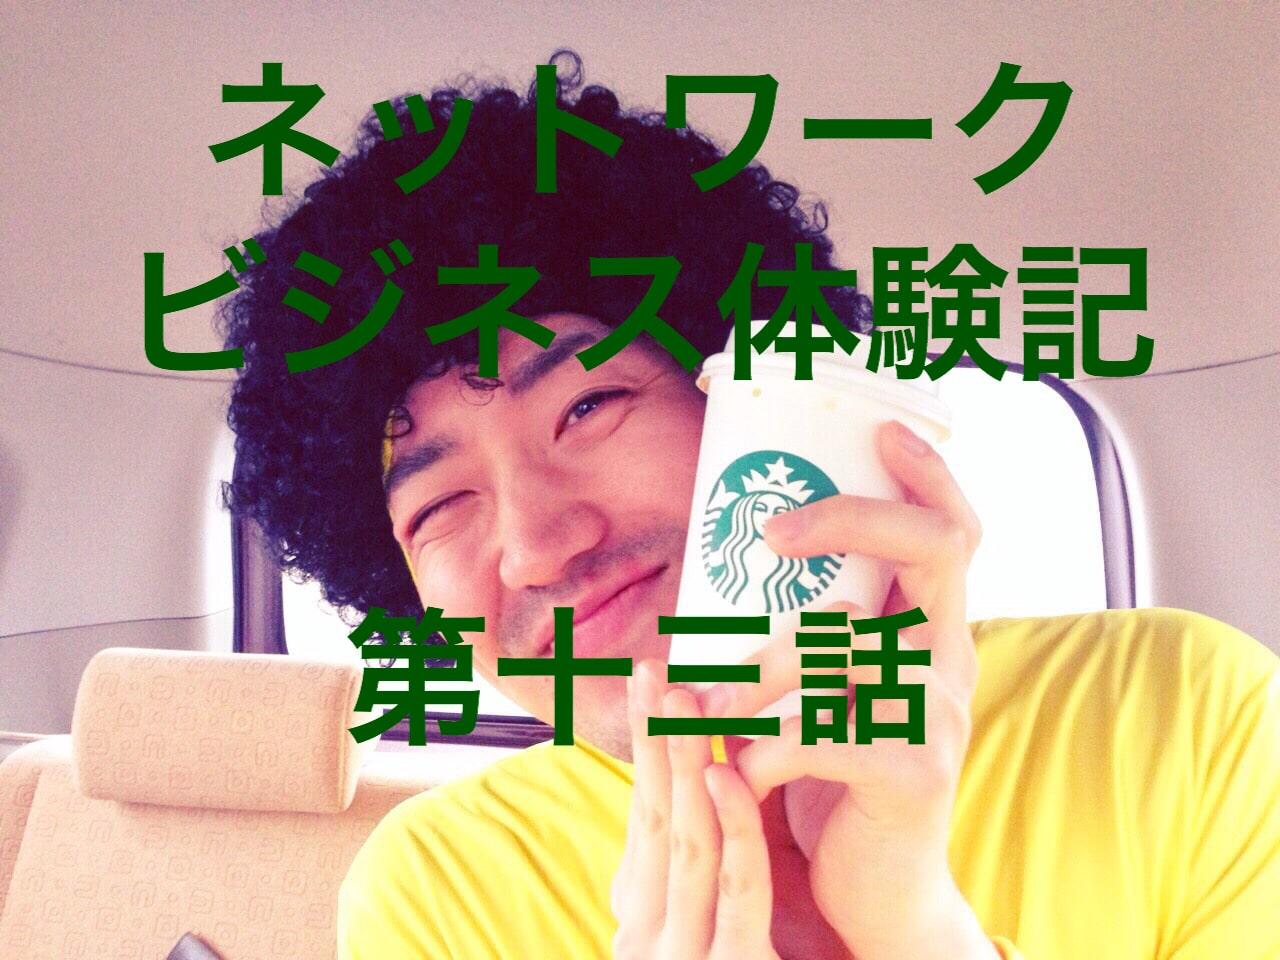 【第十三話】実録!ネットワークビジネス(マルチ商法)体験記